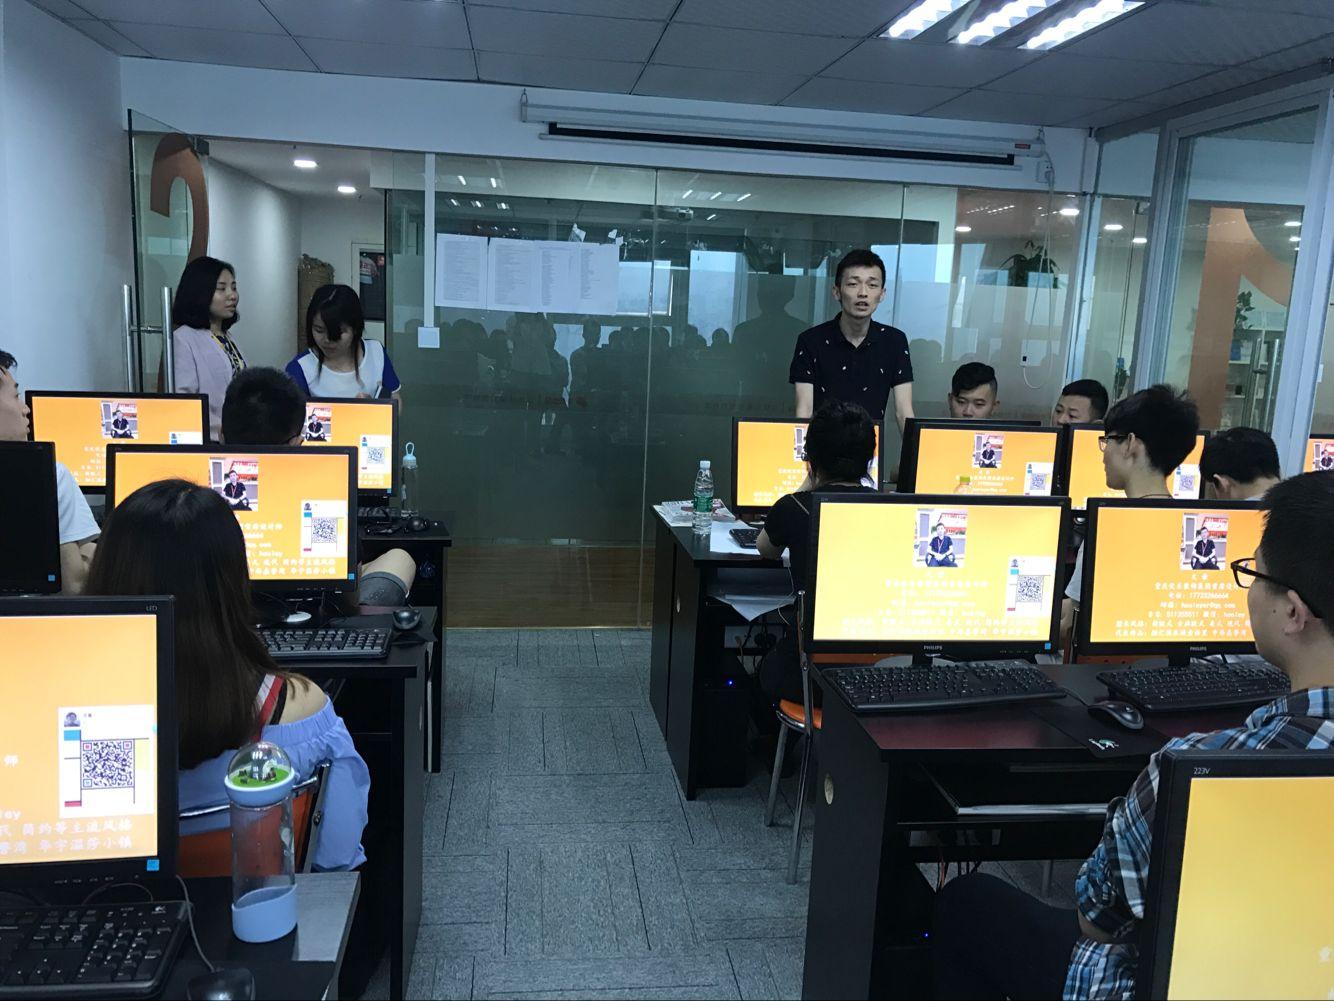 重庆室内设计培训学校 天琥教育职场老司机带小白直面职场路